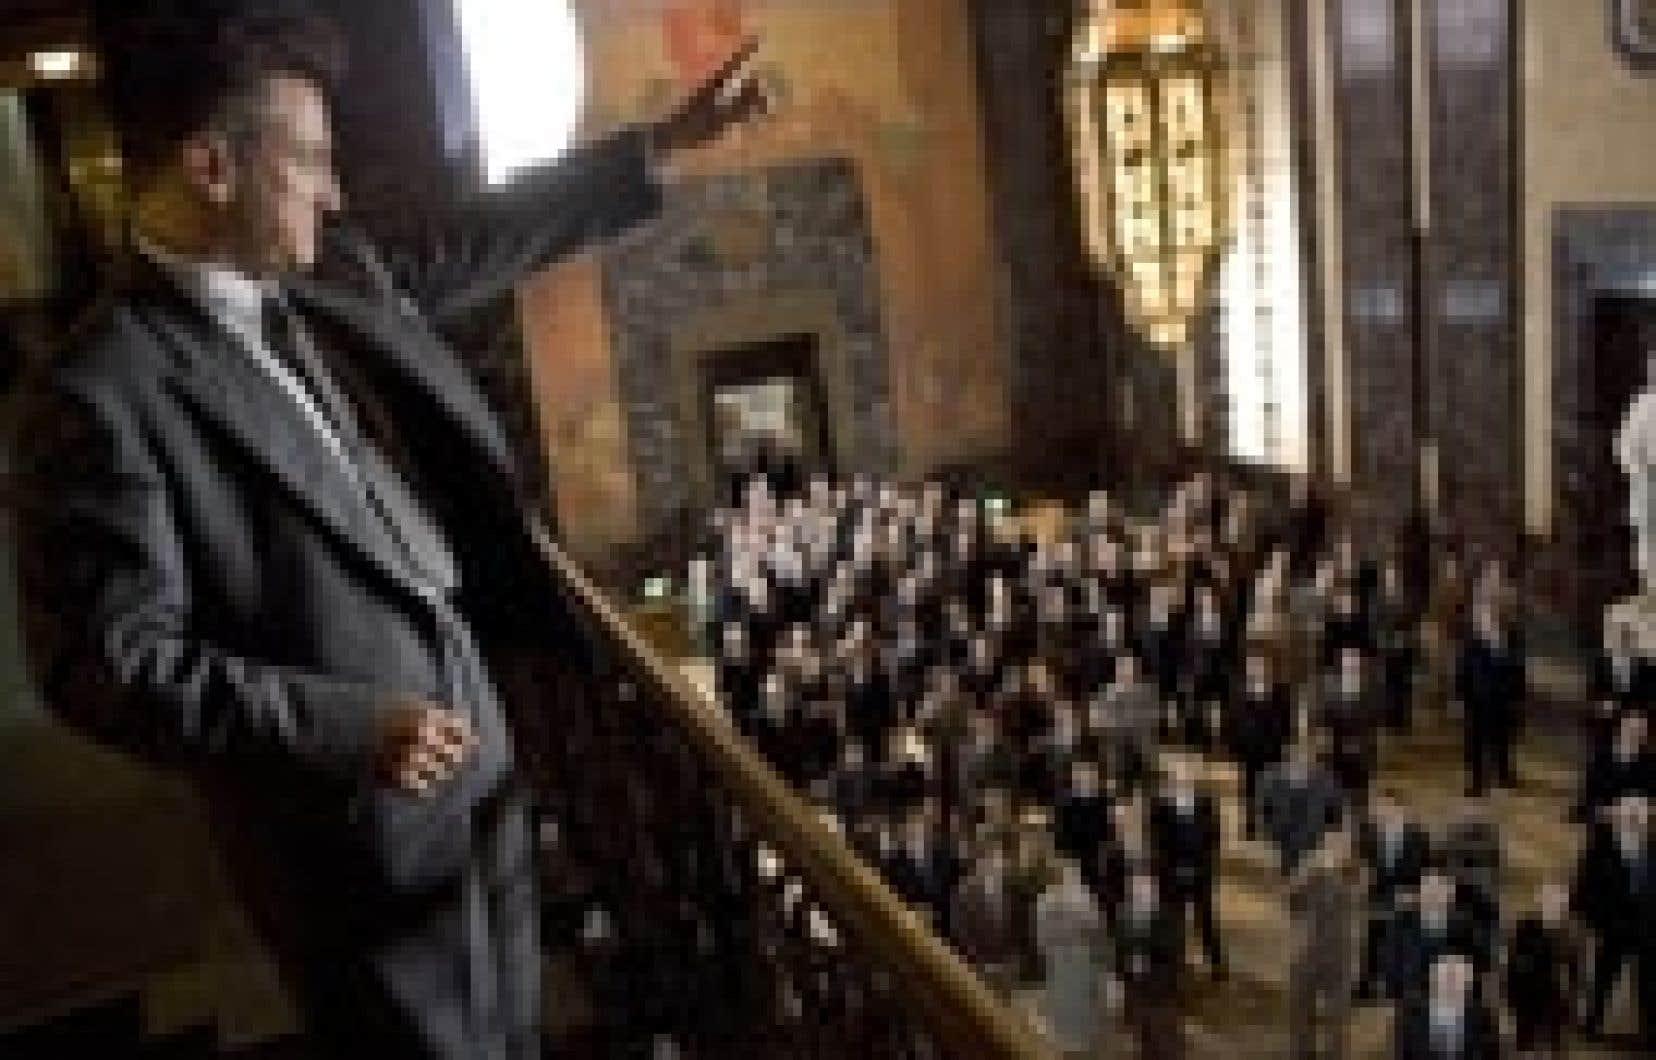 Dans All the King's Men, Sean Penn, dans son rôle du gouverneur ennemi des nantis, joue avec tout son poids et en misant, dans son cas, sur l'énergie de la gestuelle et l'épaisseur de l'accent.